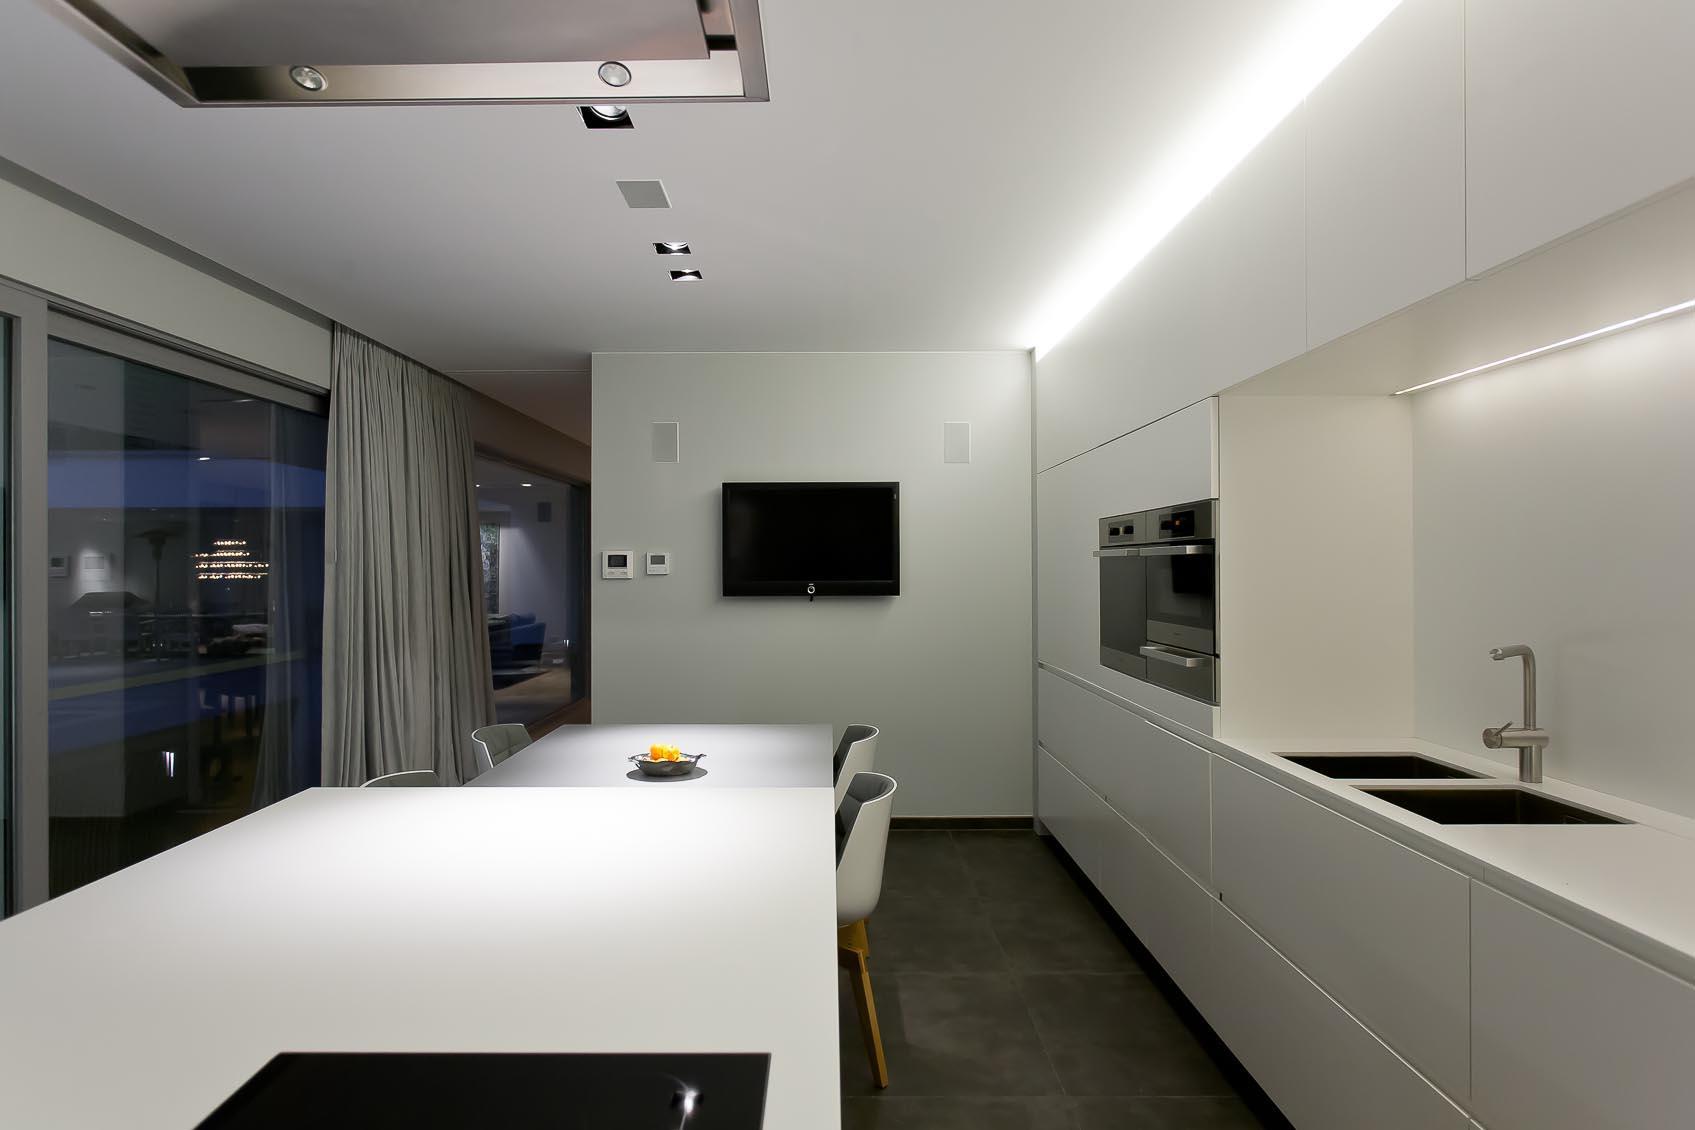 Led Inbouwspots Keuken : Keuken Inbouwspots Led : Keuken Spots keukens cf